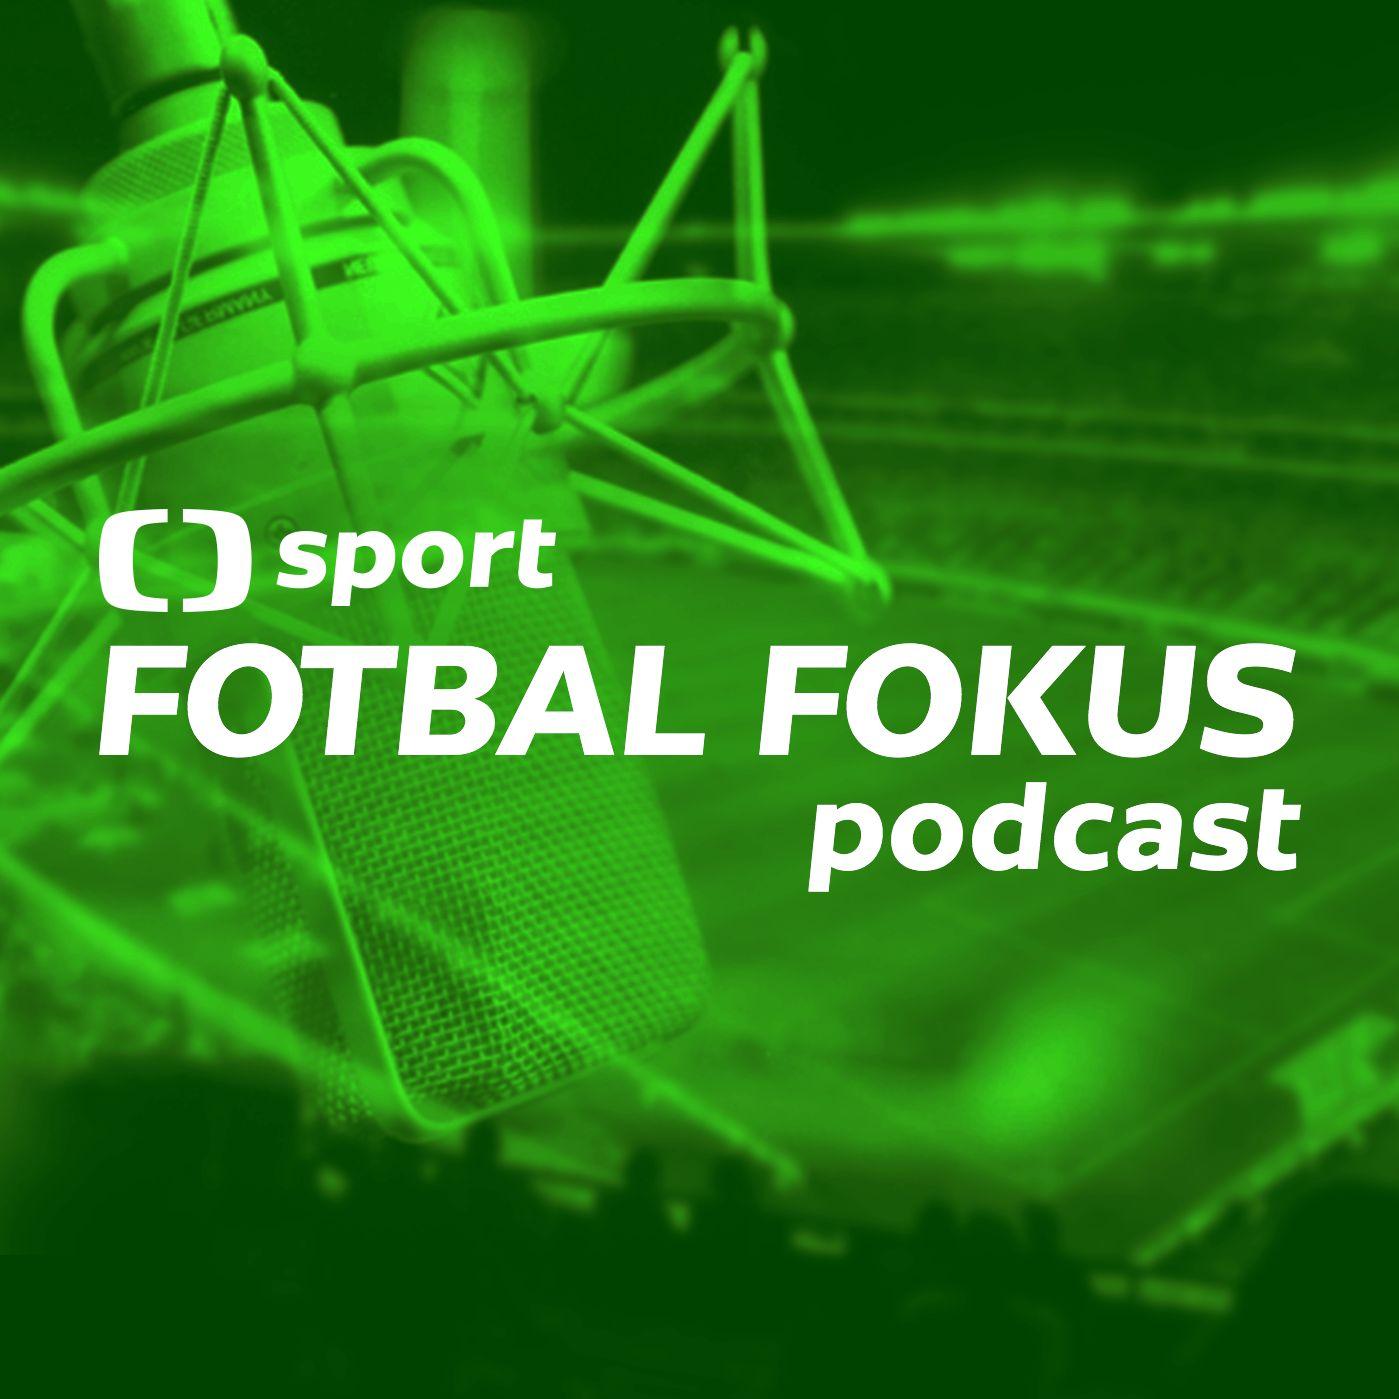 Fotbal fokus podcast: Čekají českou reprezentaci se Schickem a spol. lepší časy?